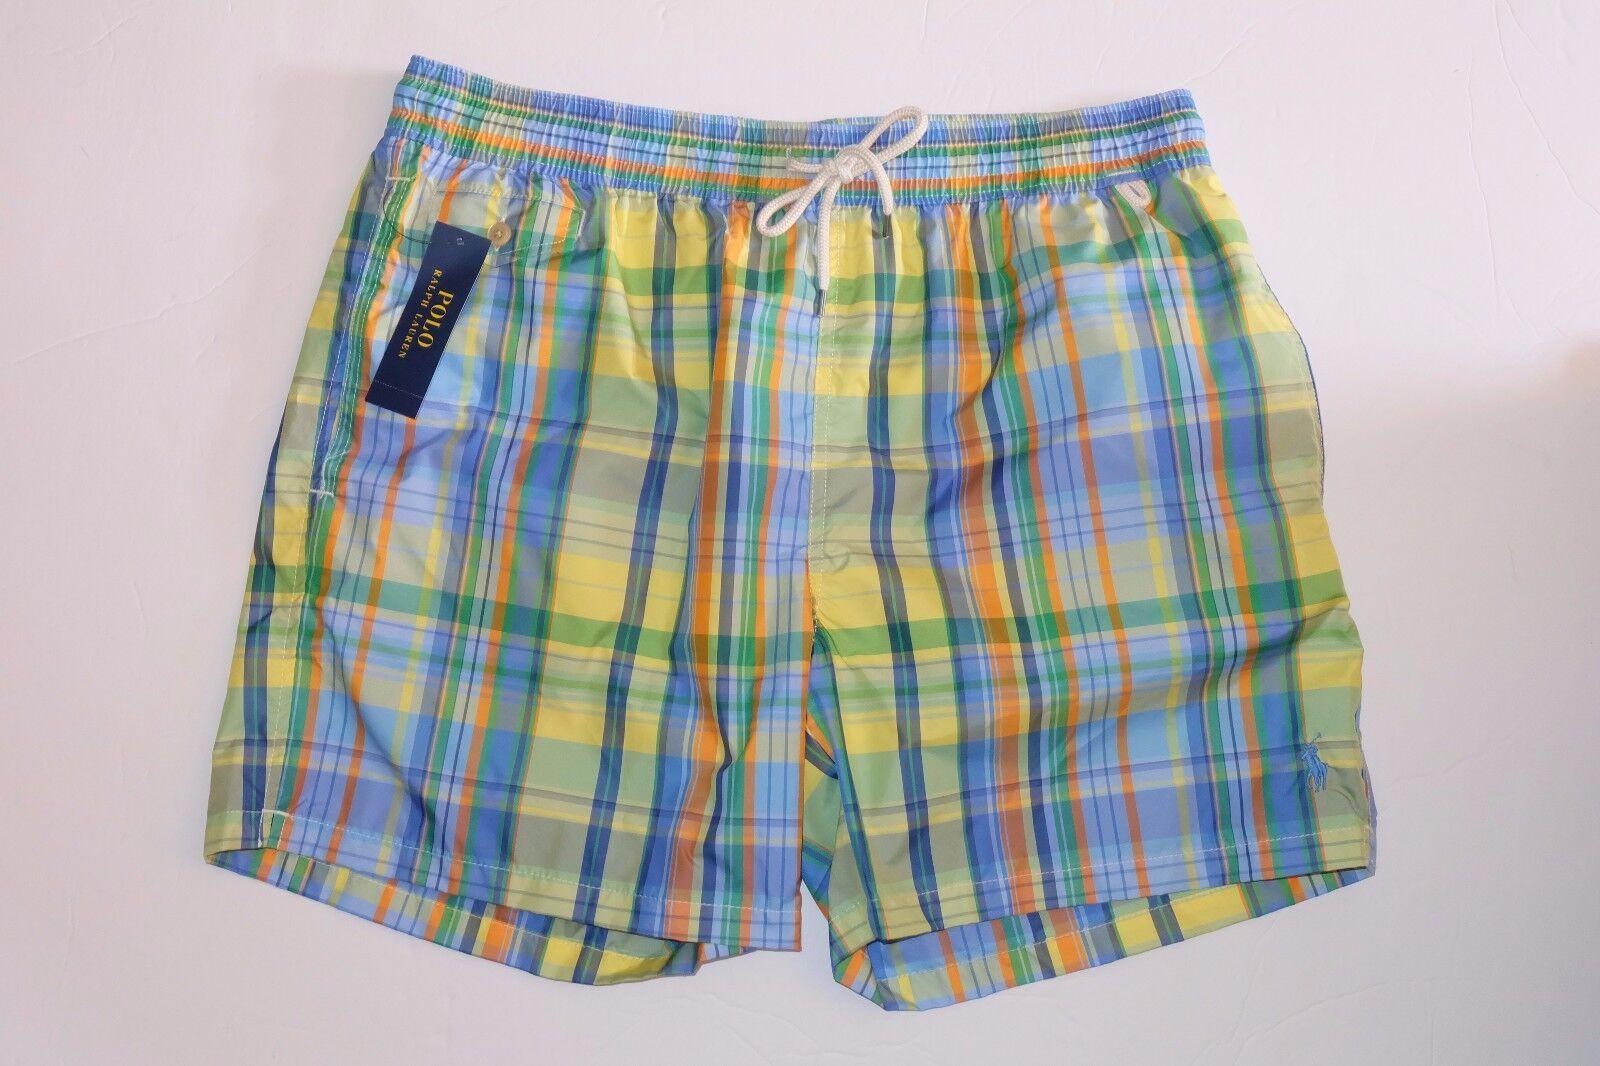 NWT Authentic POLO RALPH LAUREN Men's 5¾  Plaid Swim Trunks Shorts, Size XXL